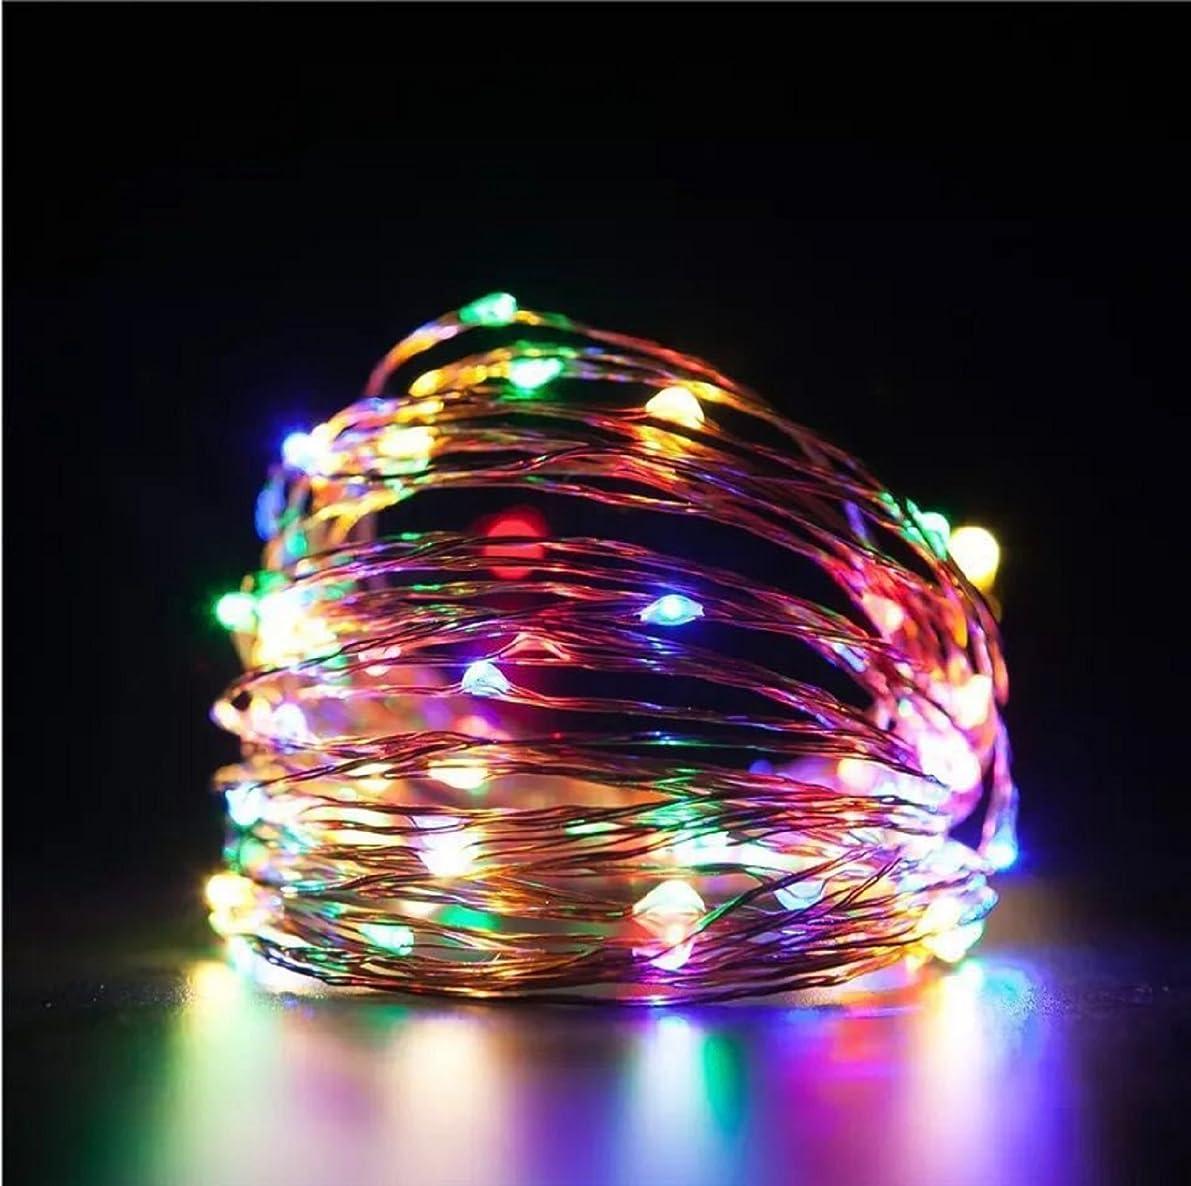 大陸アセ突進イルミネーションライト Araretyan クリスマス 飾りライト ストリングライト LED 10m ワイヤーライト ストリングスライト 結婚式 パーティー (マルチカラー)